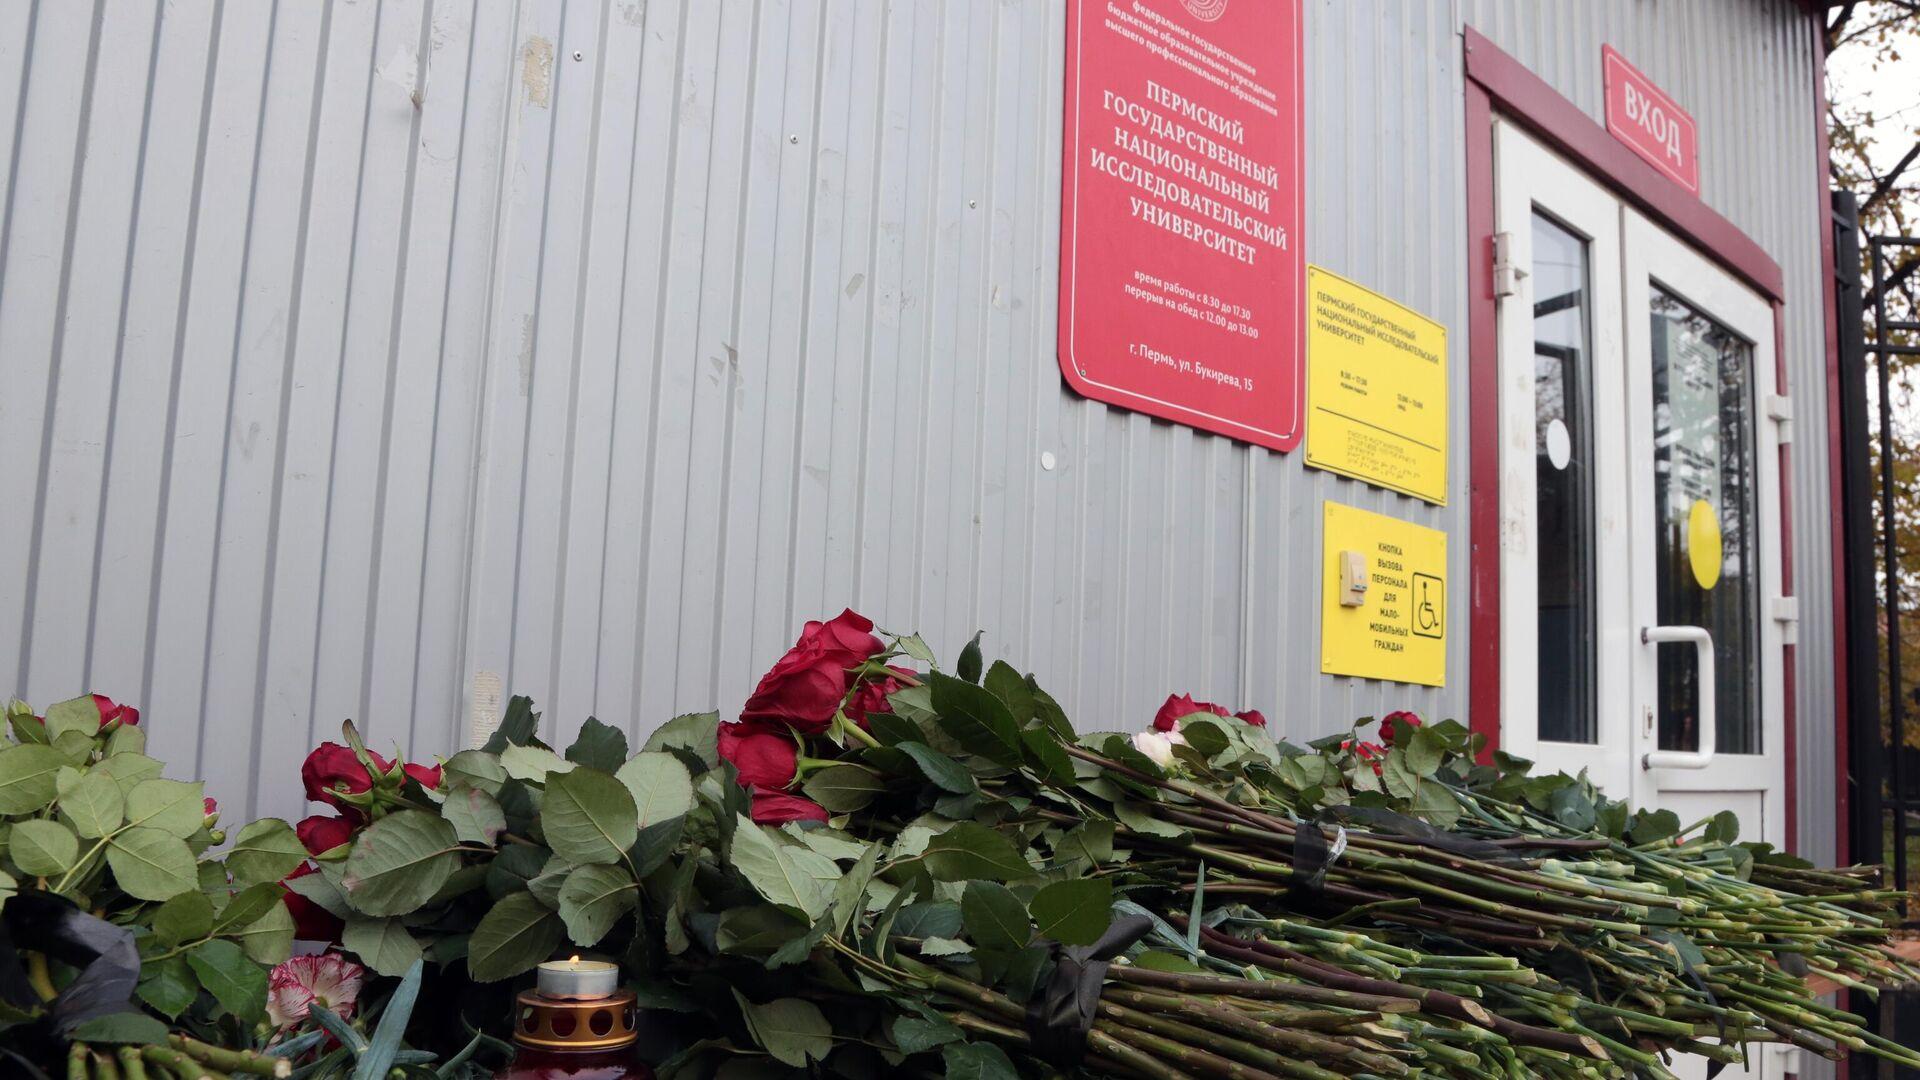 Цветы в память о погибших в результате стрельбы в Пермском университете - РИА Новости, 1920, 24.09.2021